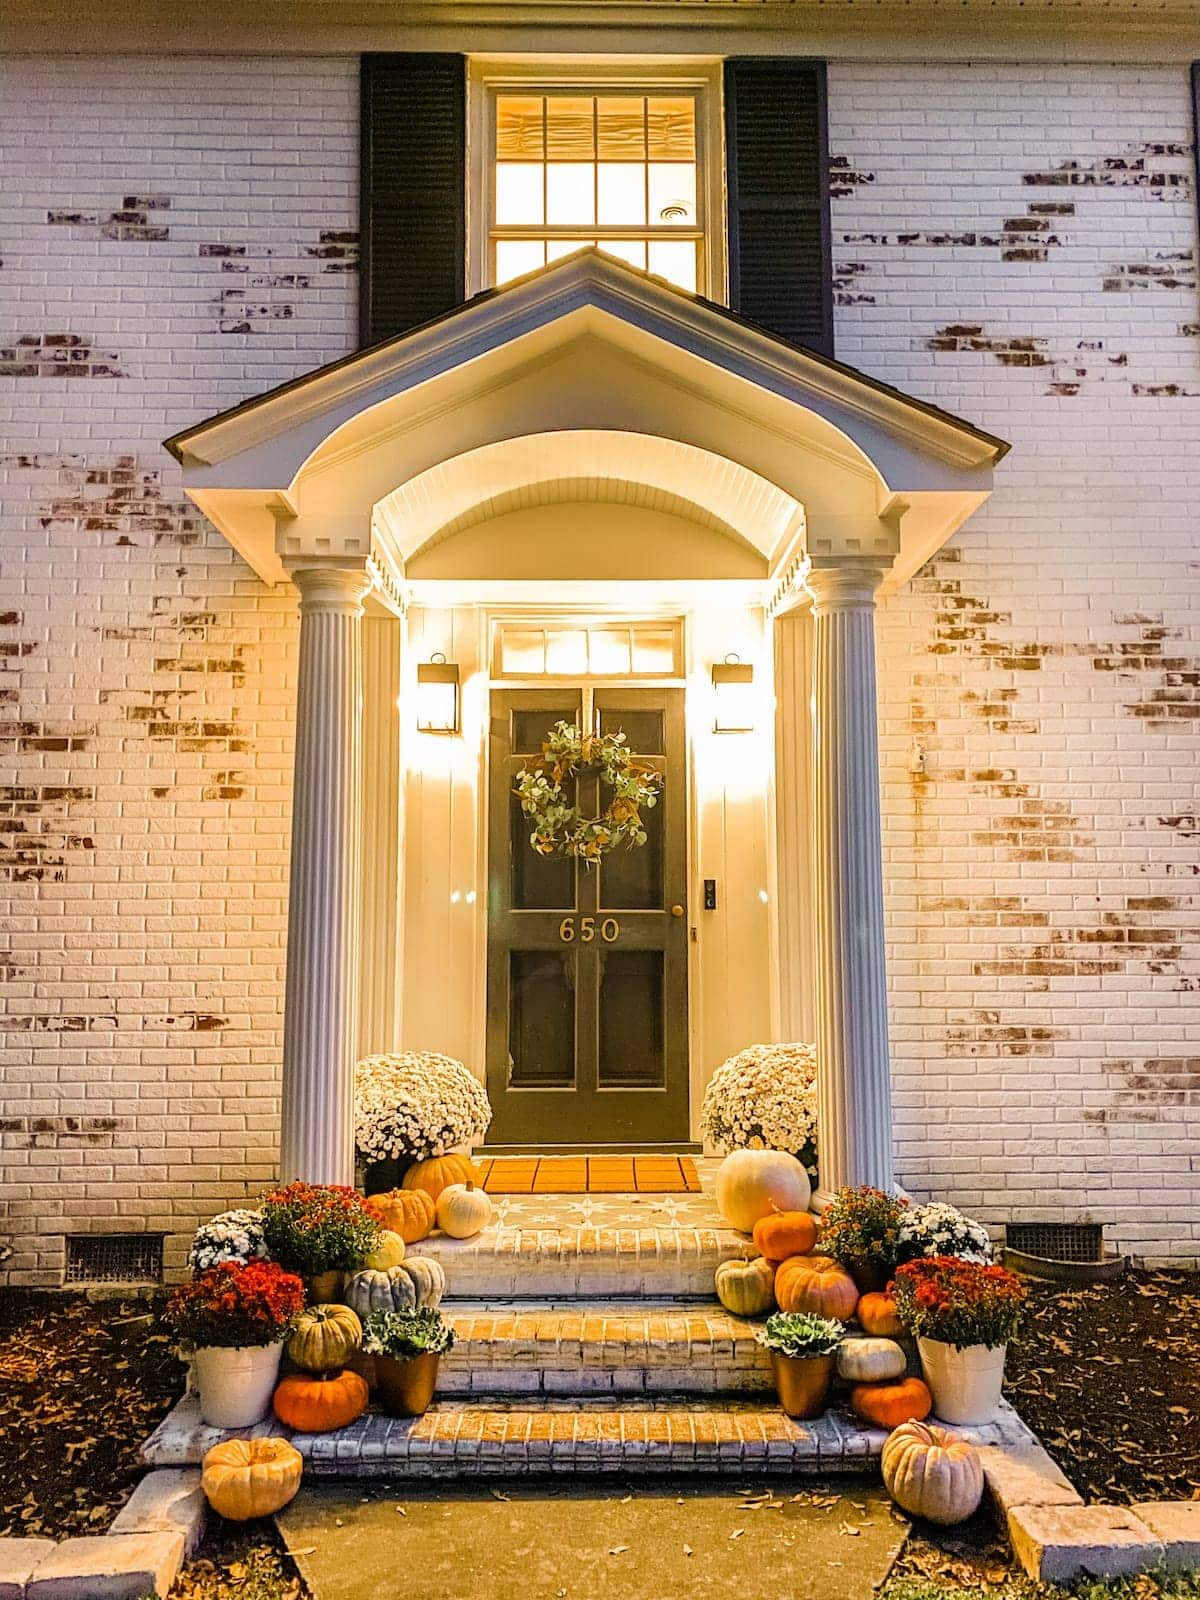 fall porch at night with pumpkins and mums and limewashed brick